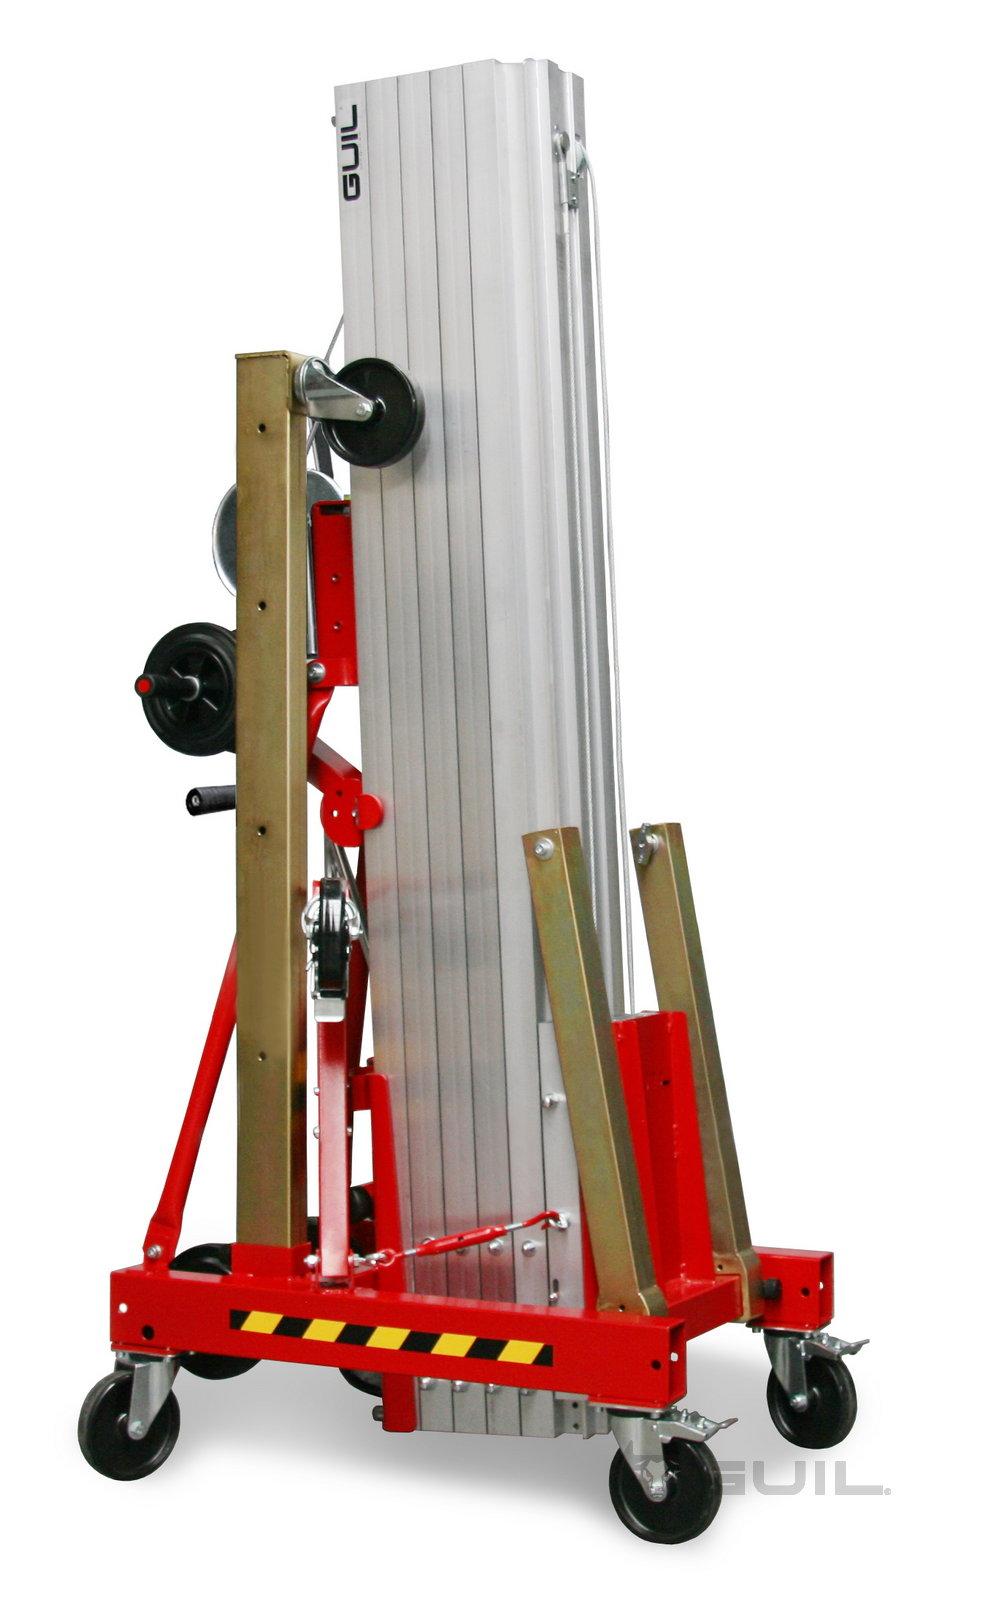 Kanaallift 8,00 m 350 kg (3)